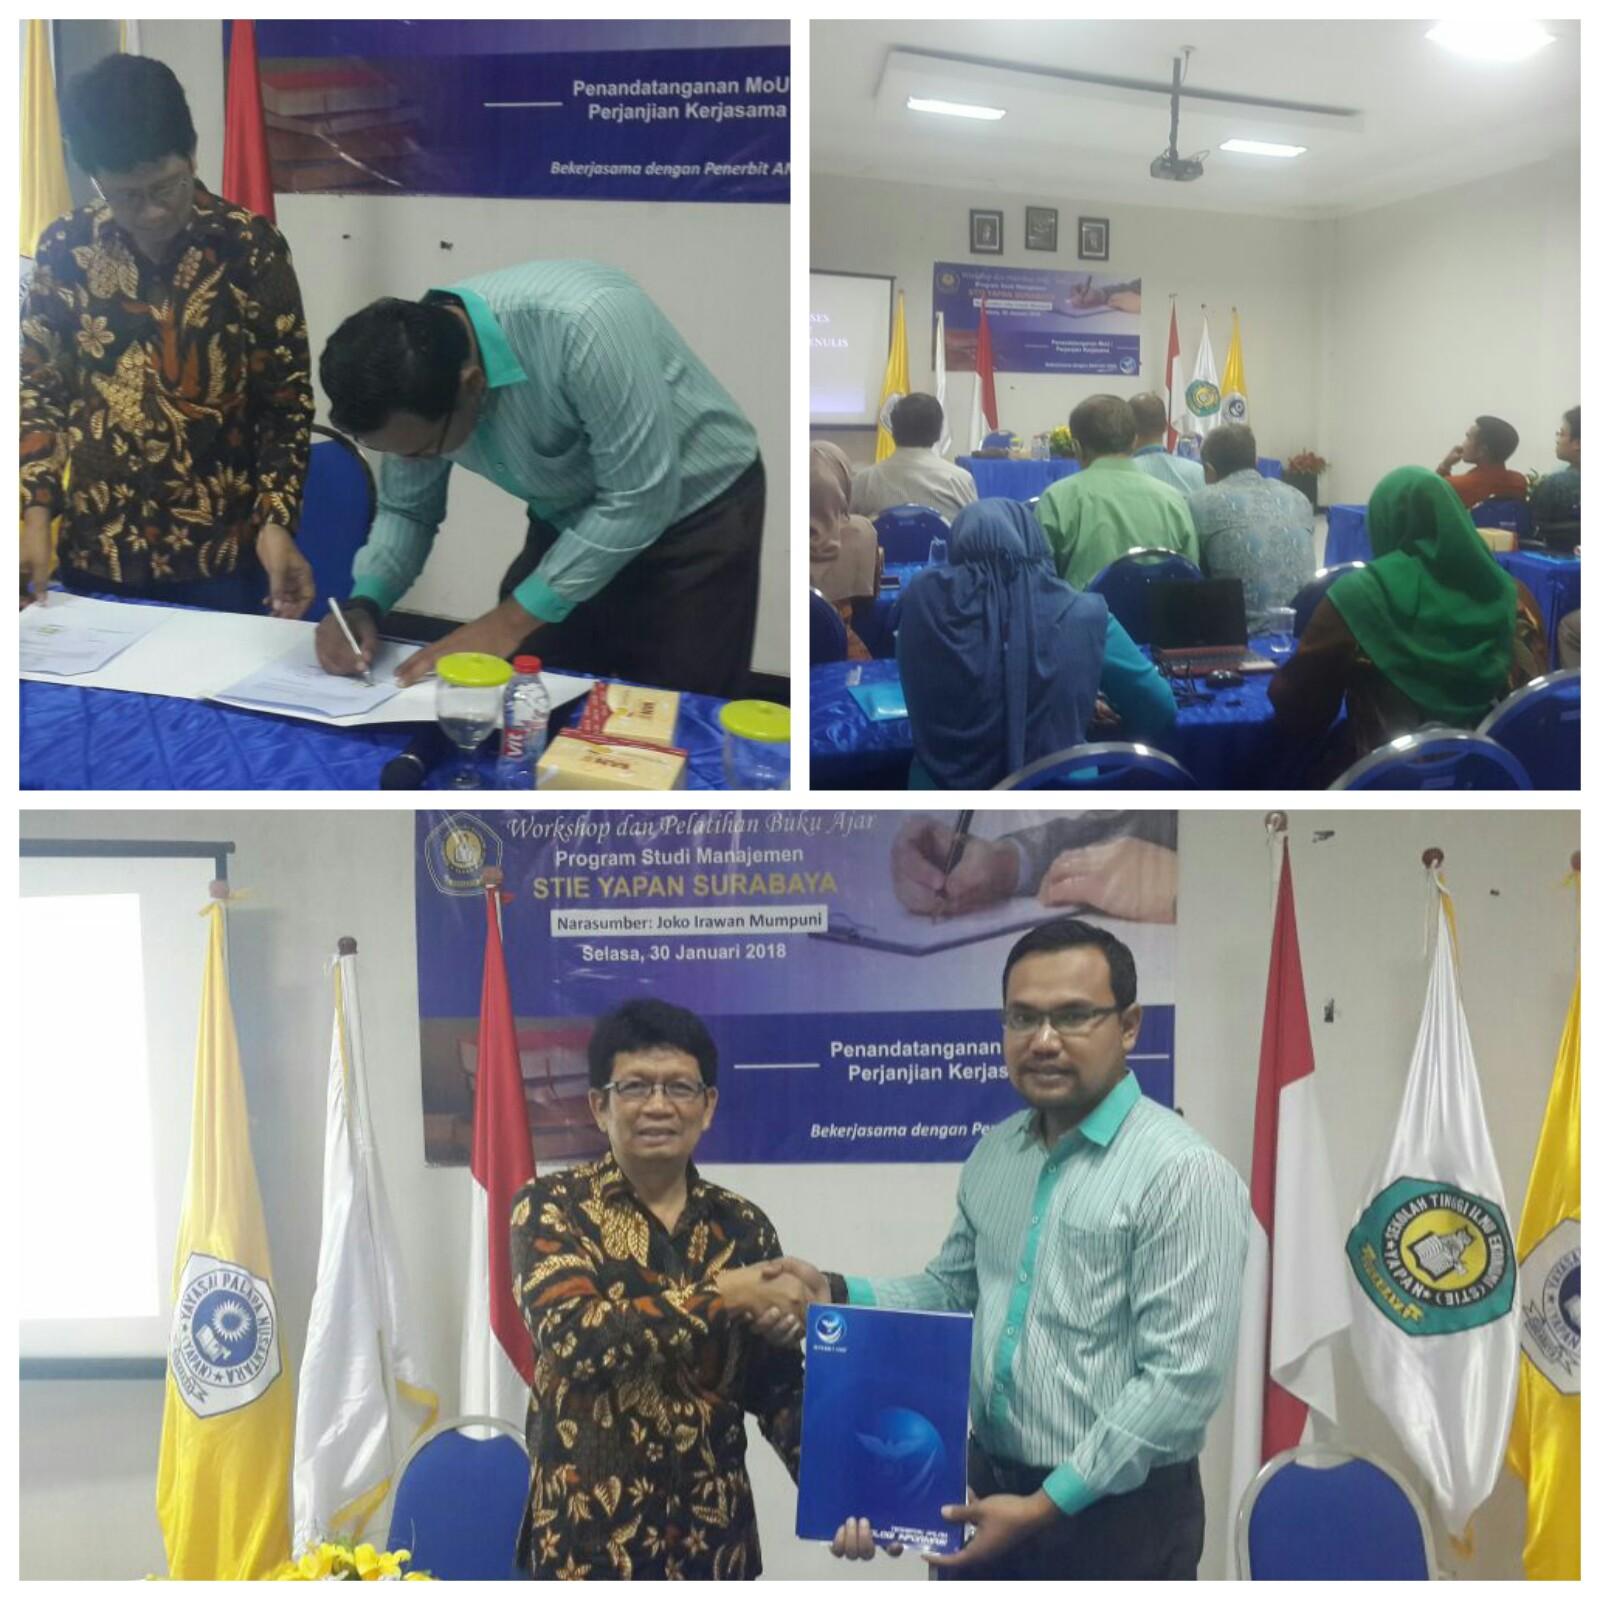 Workshop dan Pelatihan Buku Ajar Program Studi Manajemen STIE YAPAN SURABAYA